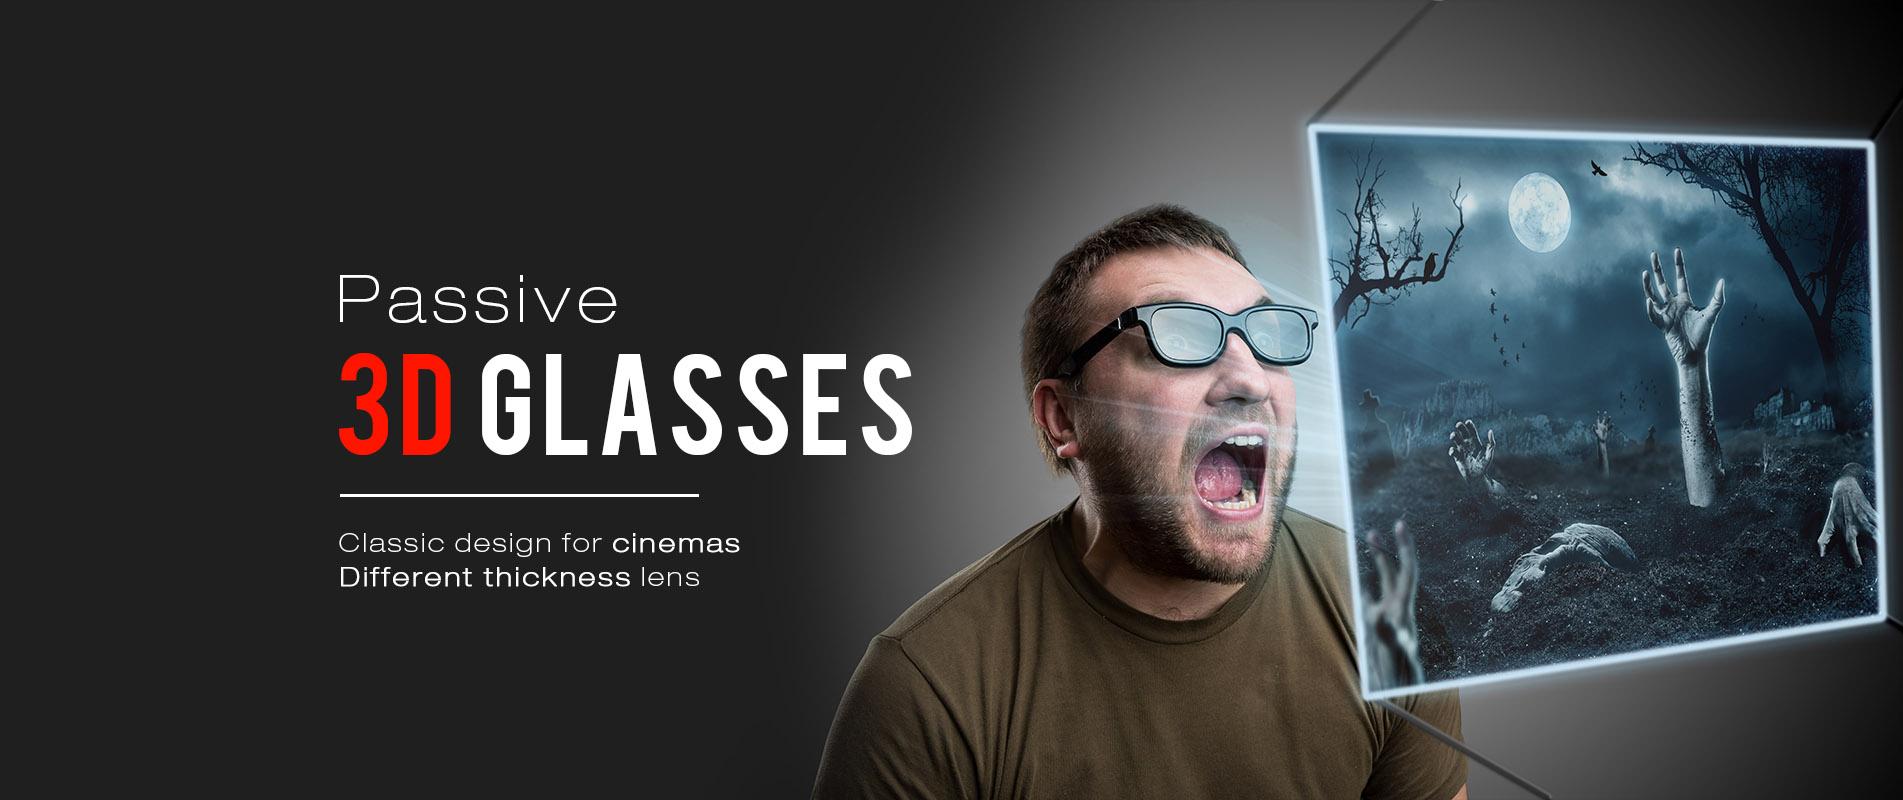 passive 3d glasses-3